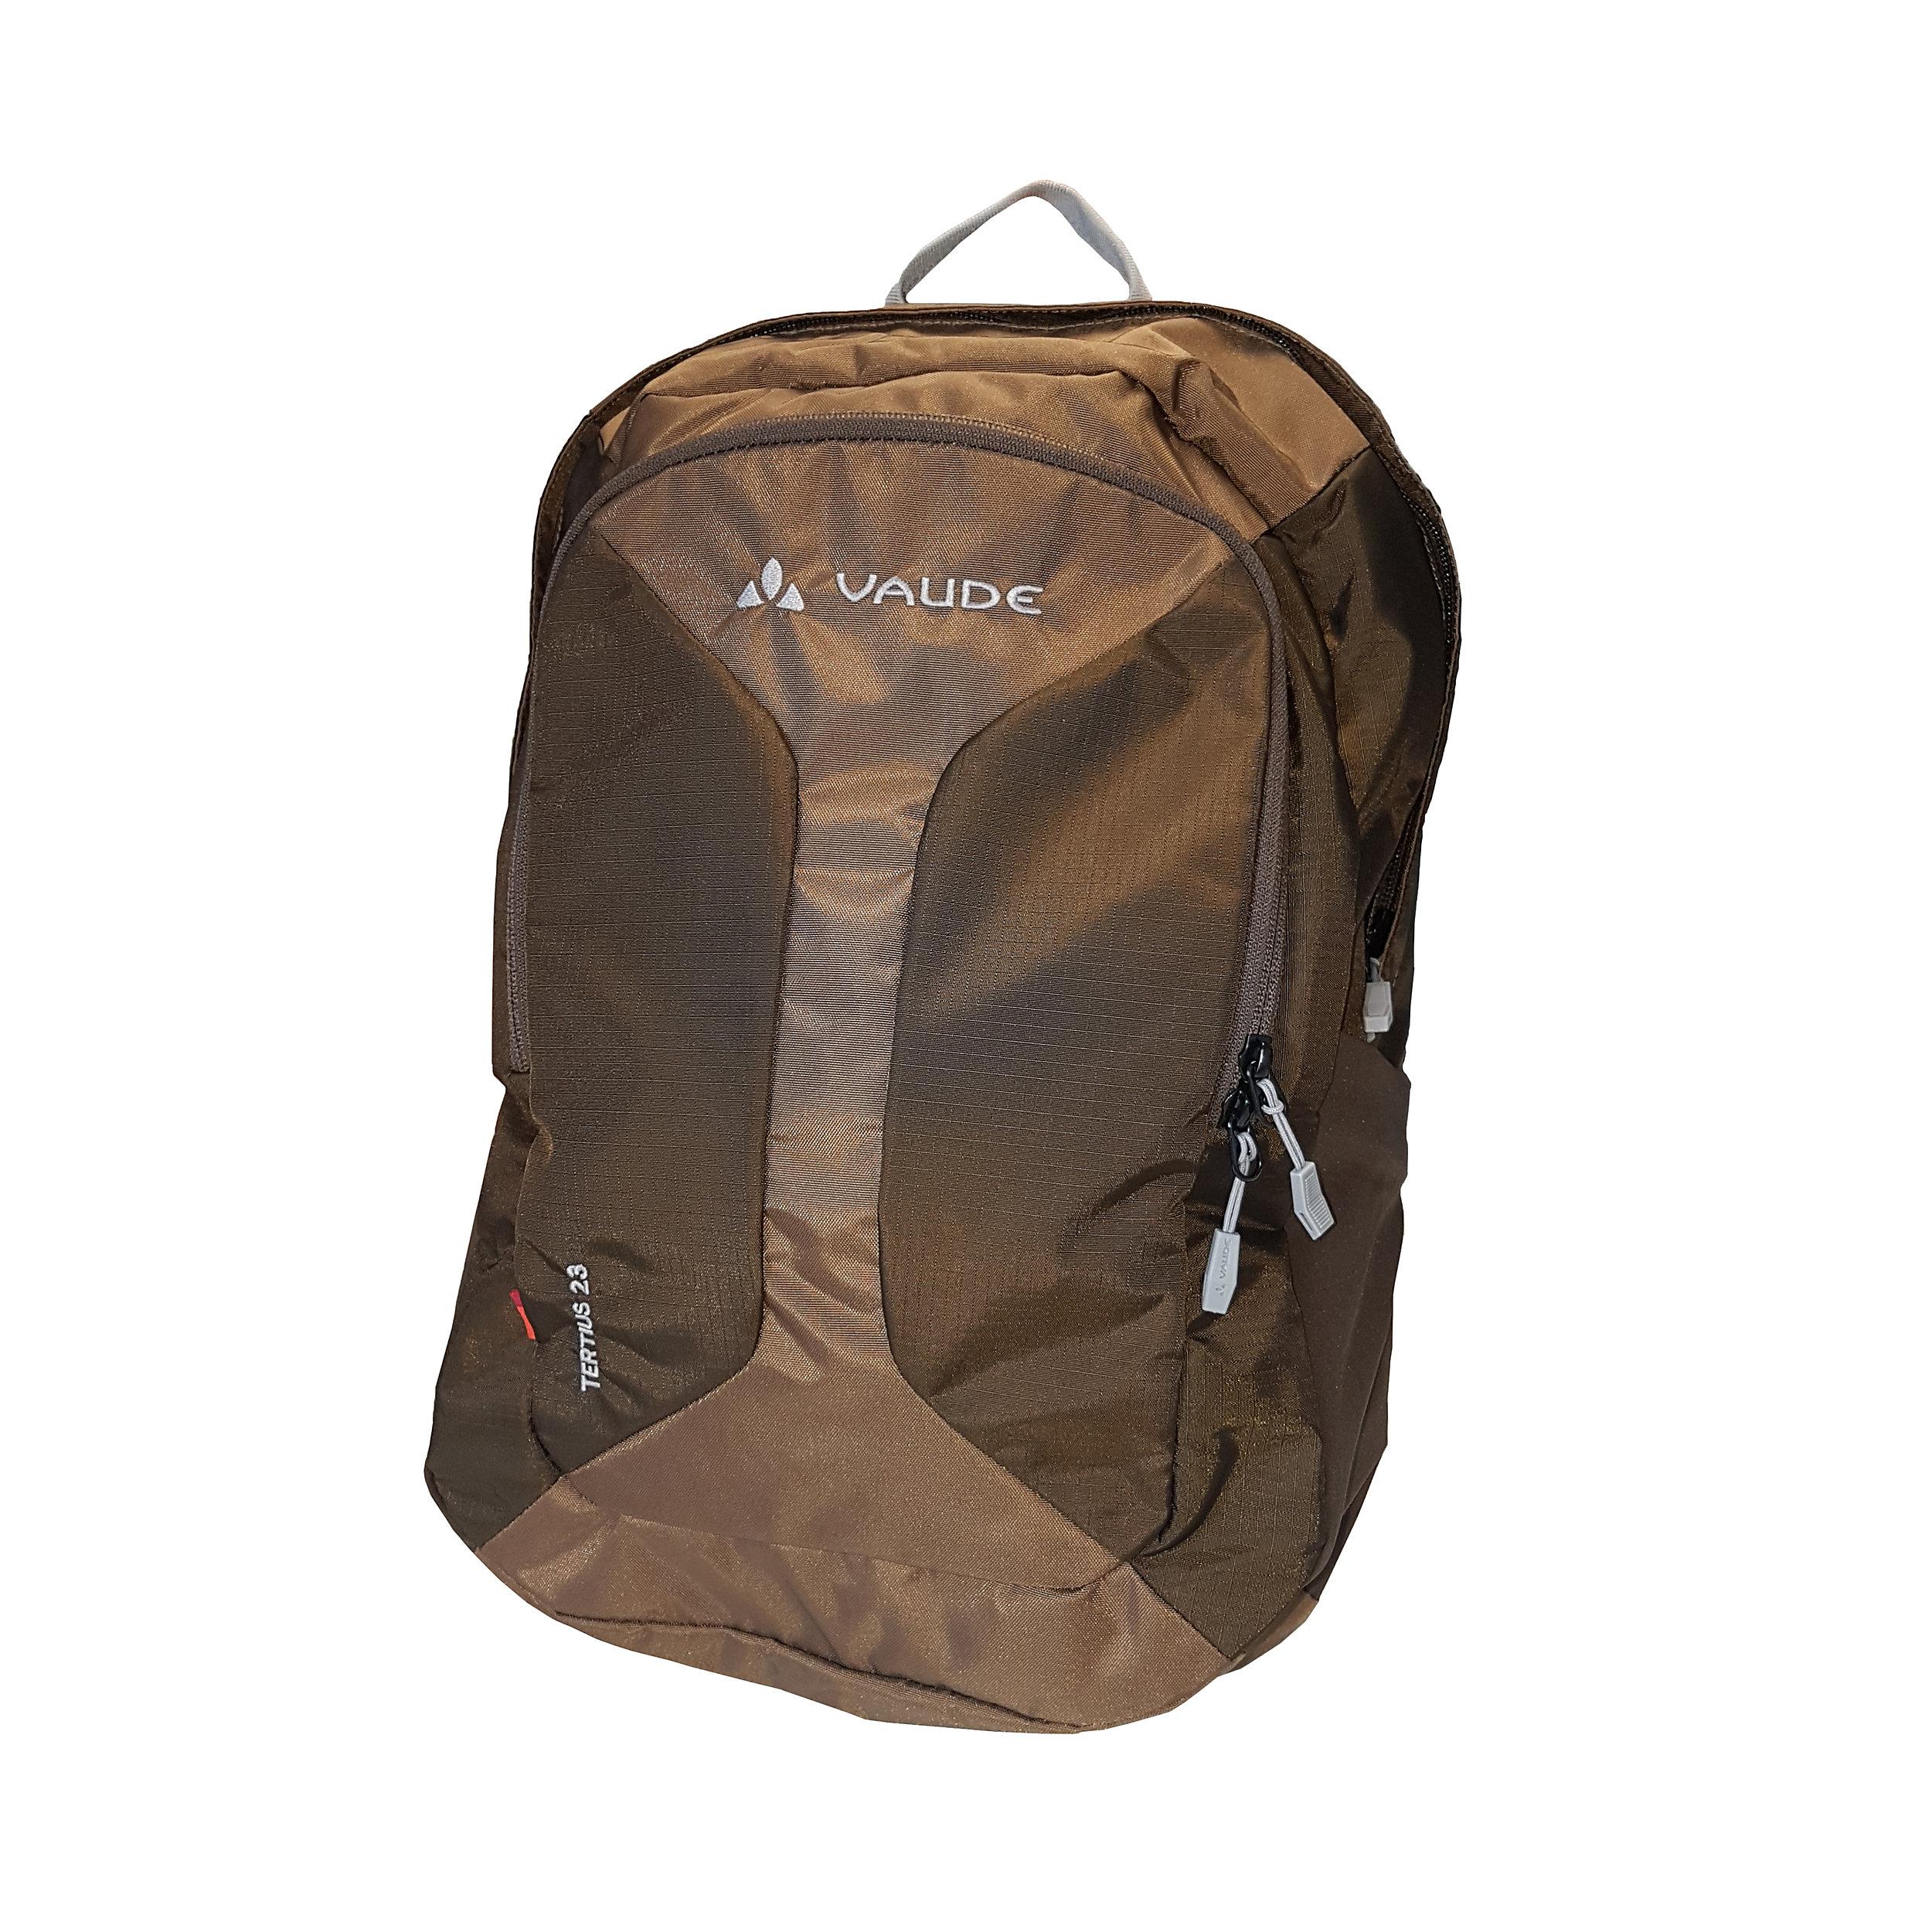 Freizeitrucksack Tertius 23 SE Backpacks